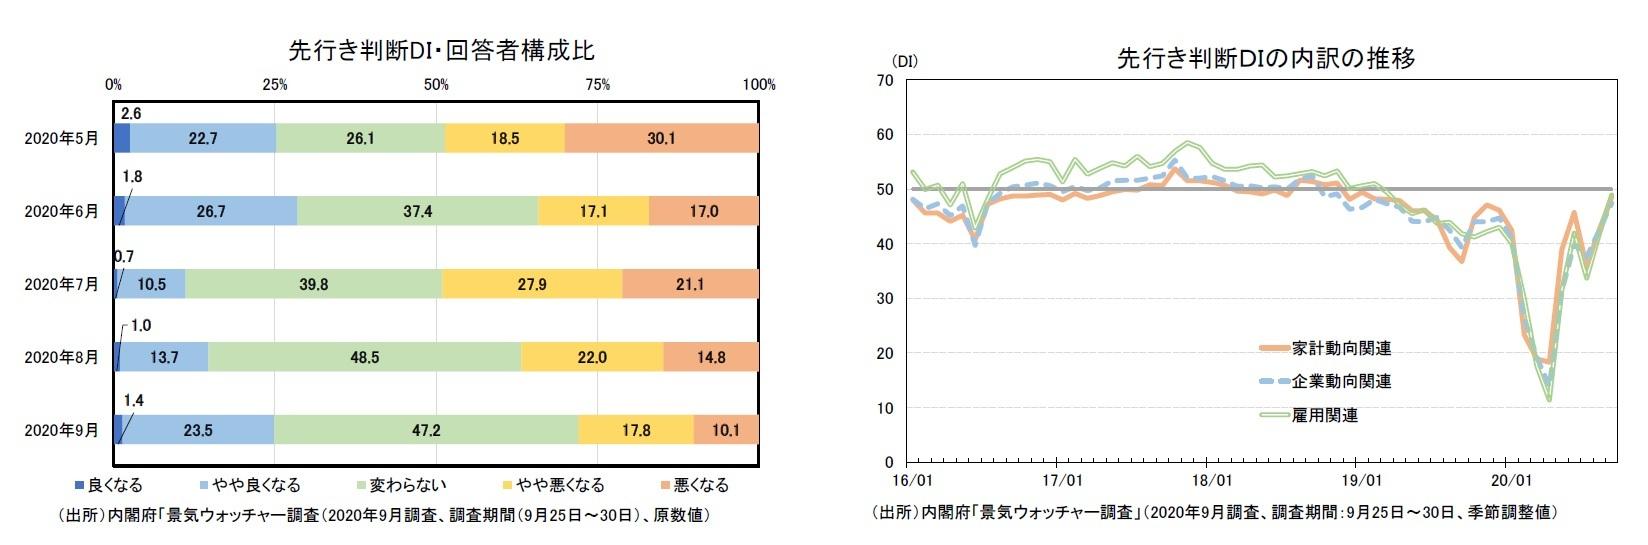 先行き判断DI・回答者構成比/先行き判断DIの内訳の推移